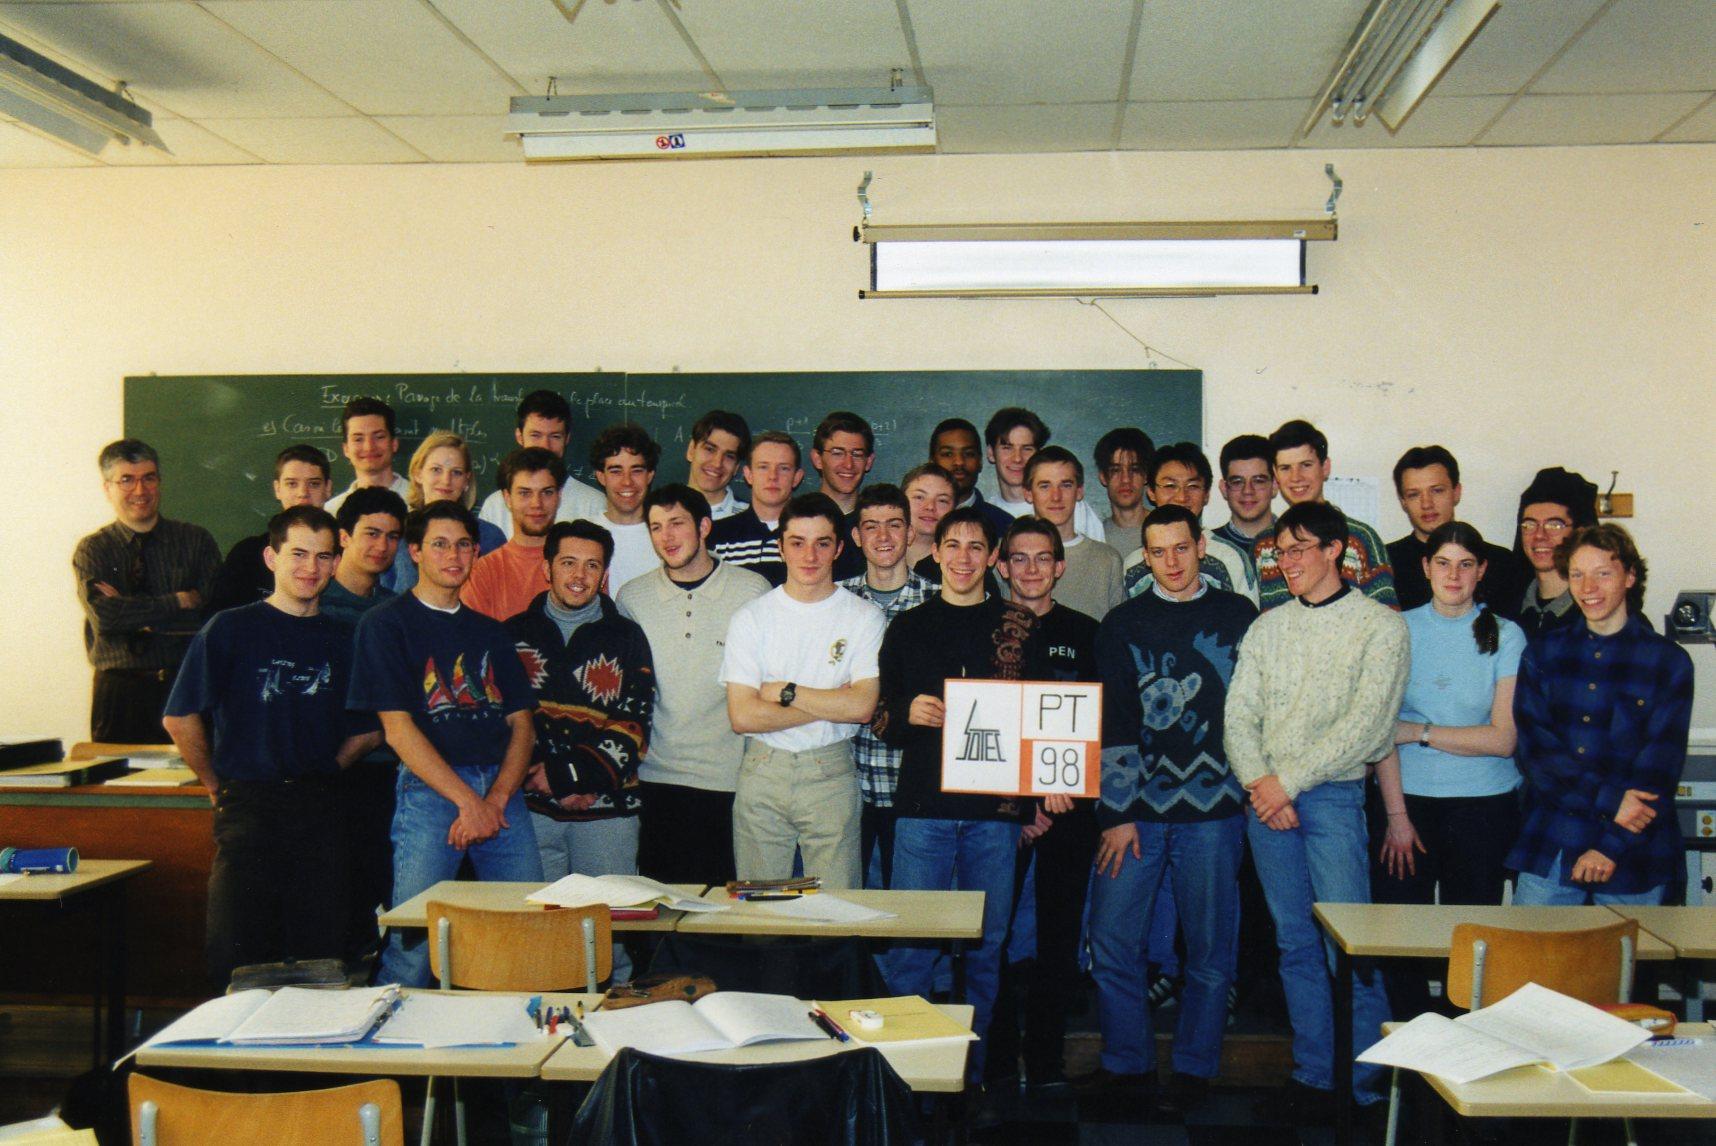 PT_1998.jpg